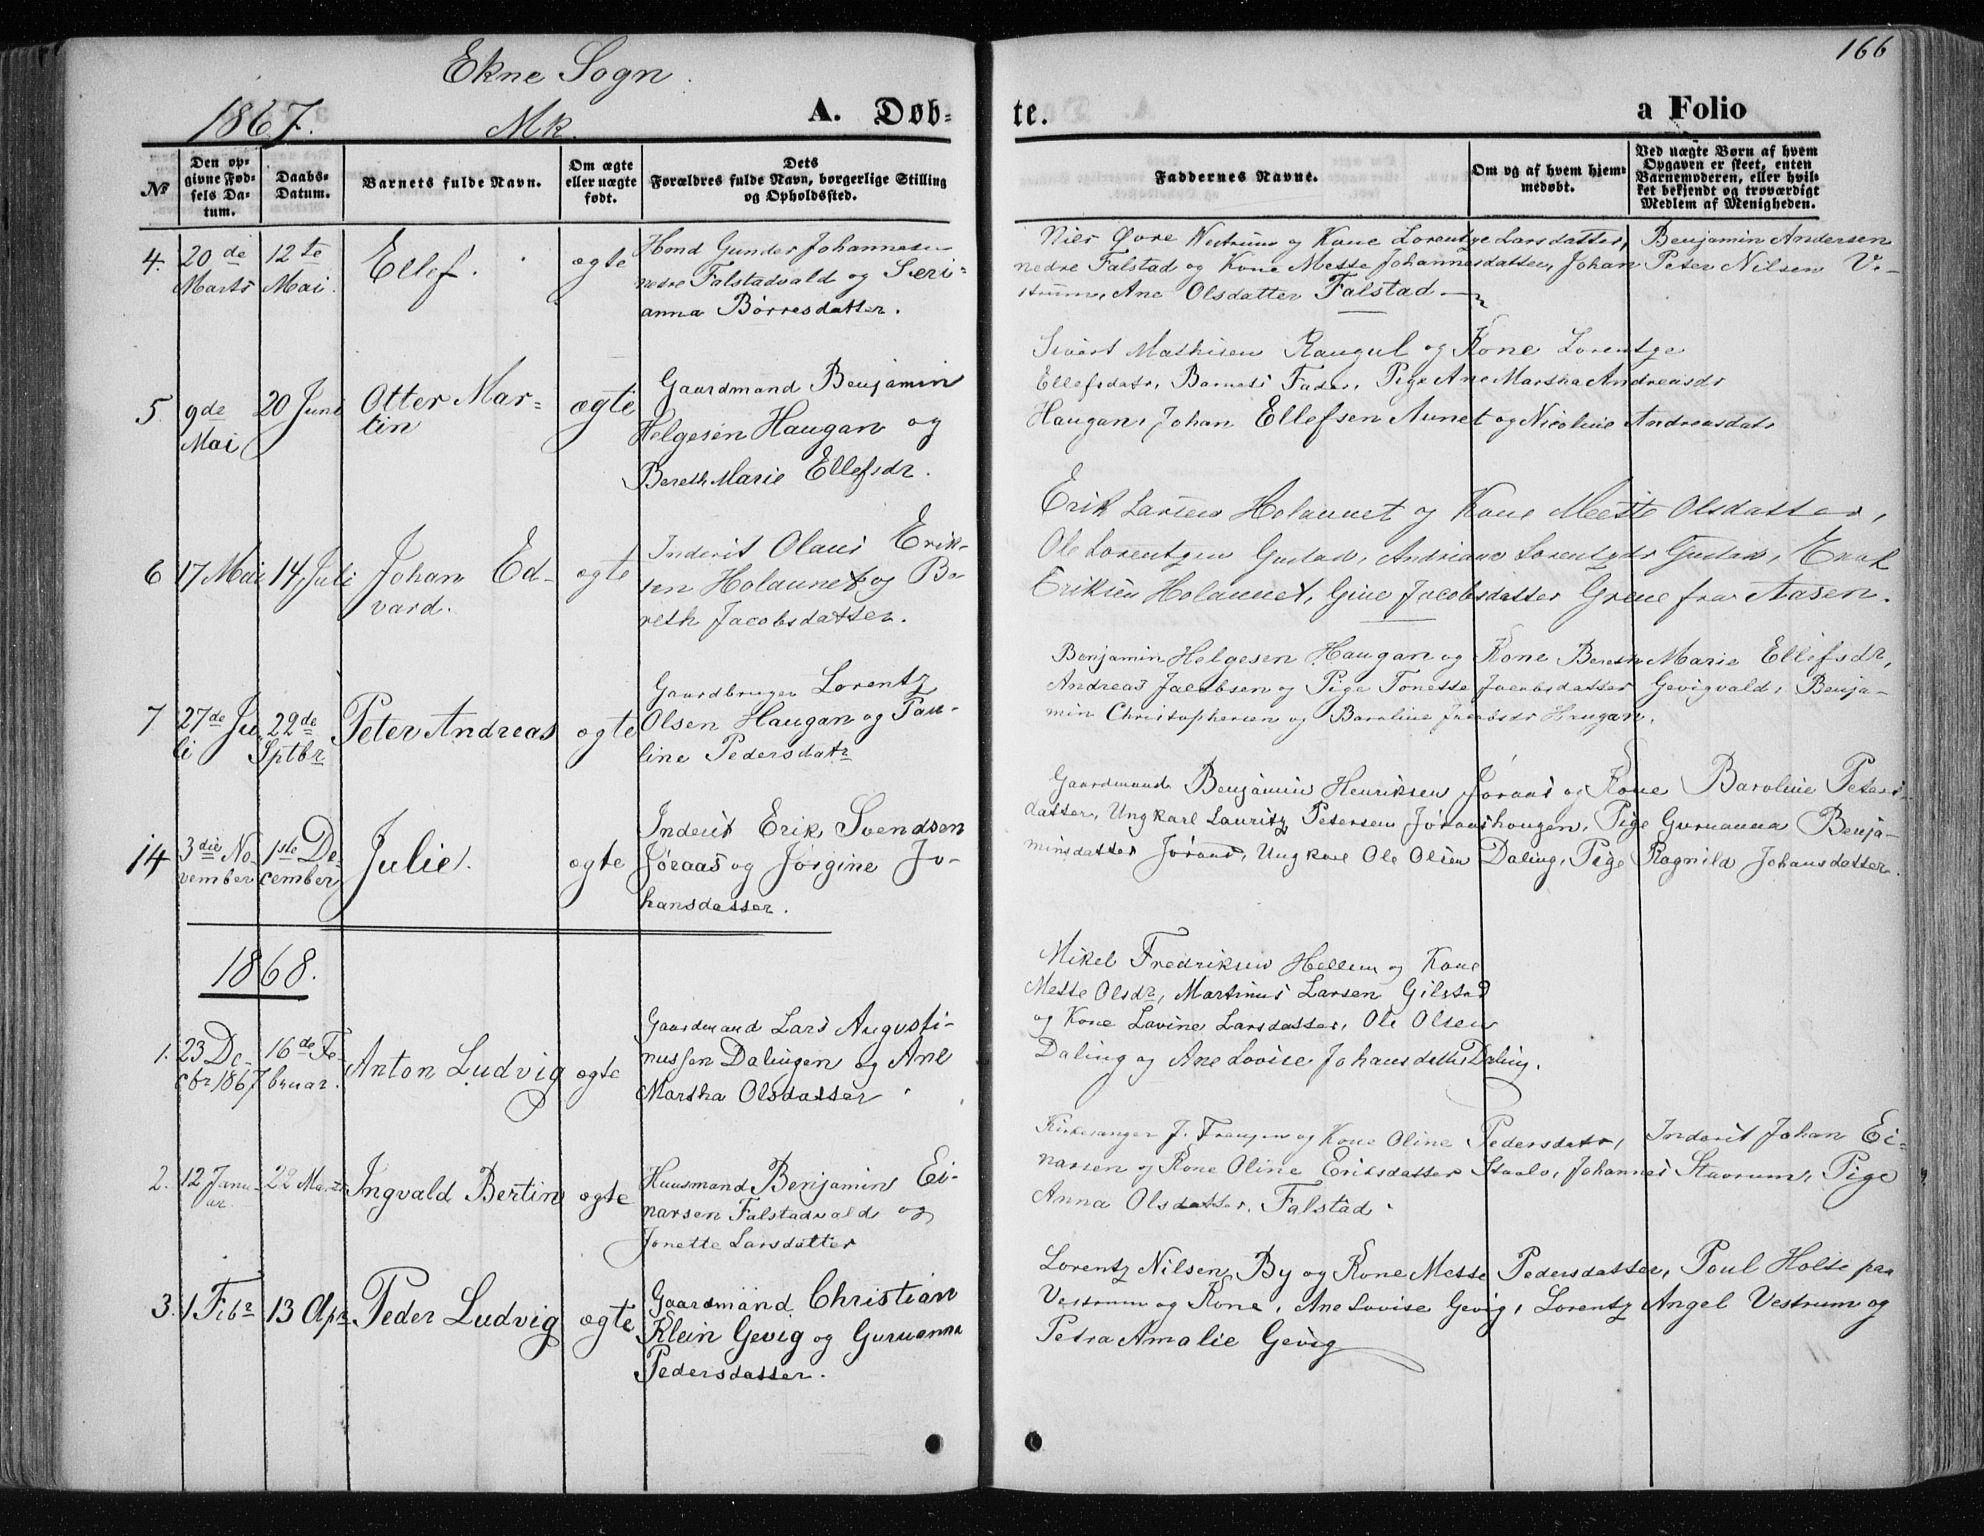 SAT, Ministerialprotokoller, klokkerbøker og fødselsregistre - Nord-Trøndelag, 717/L0158: Ministerialbok nr. 717A08 /2, 1863-1877, s. 166